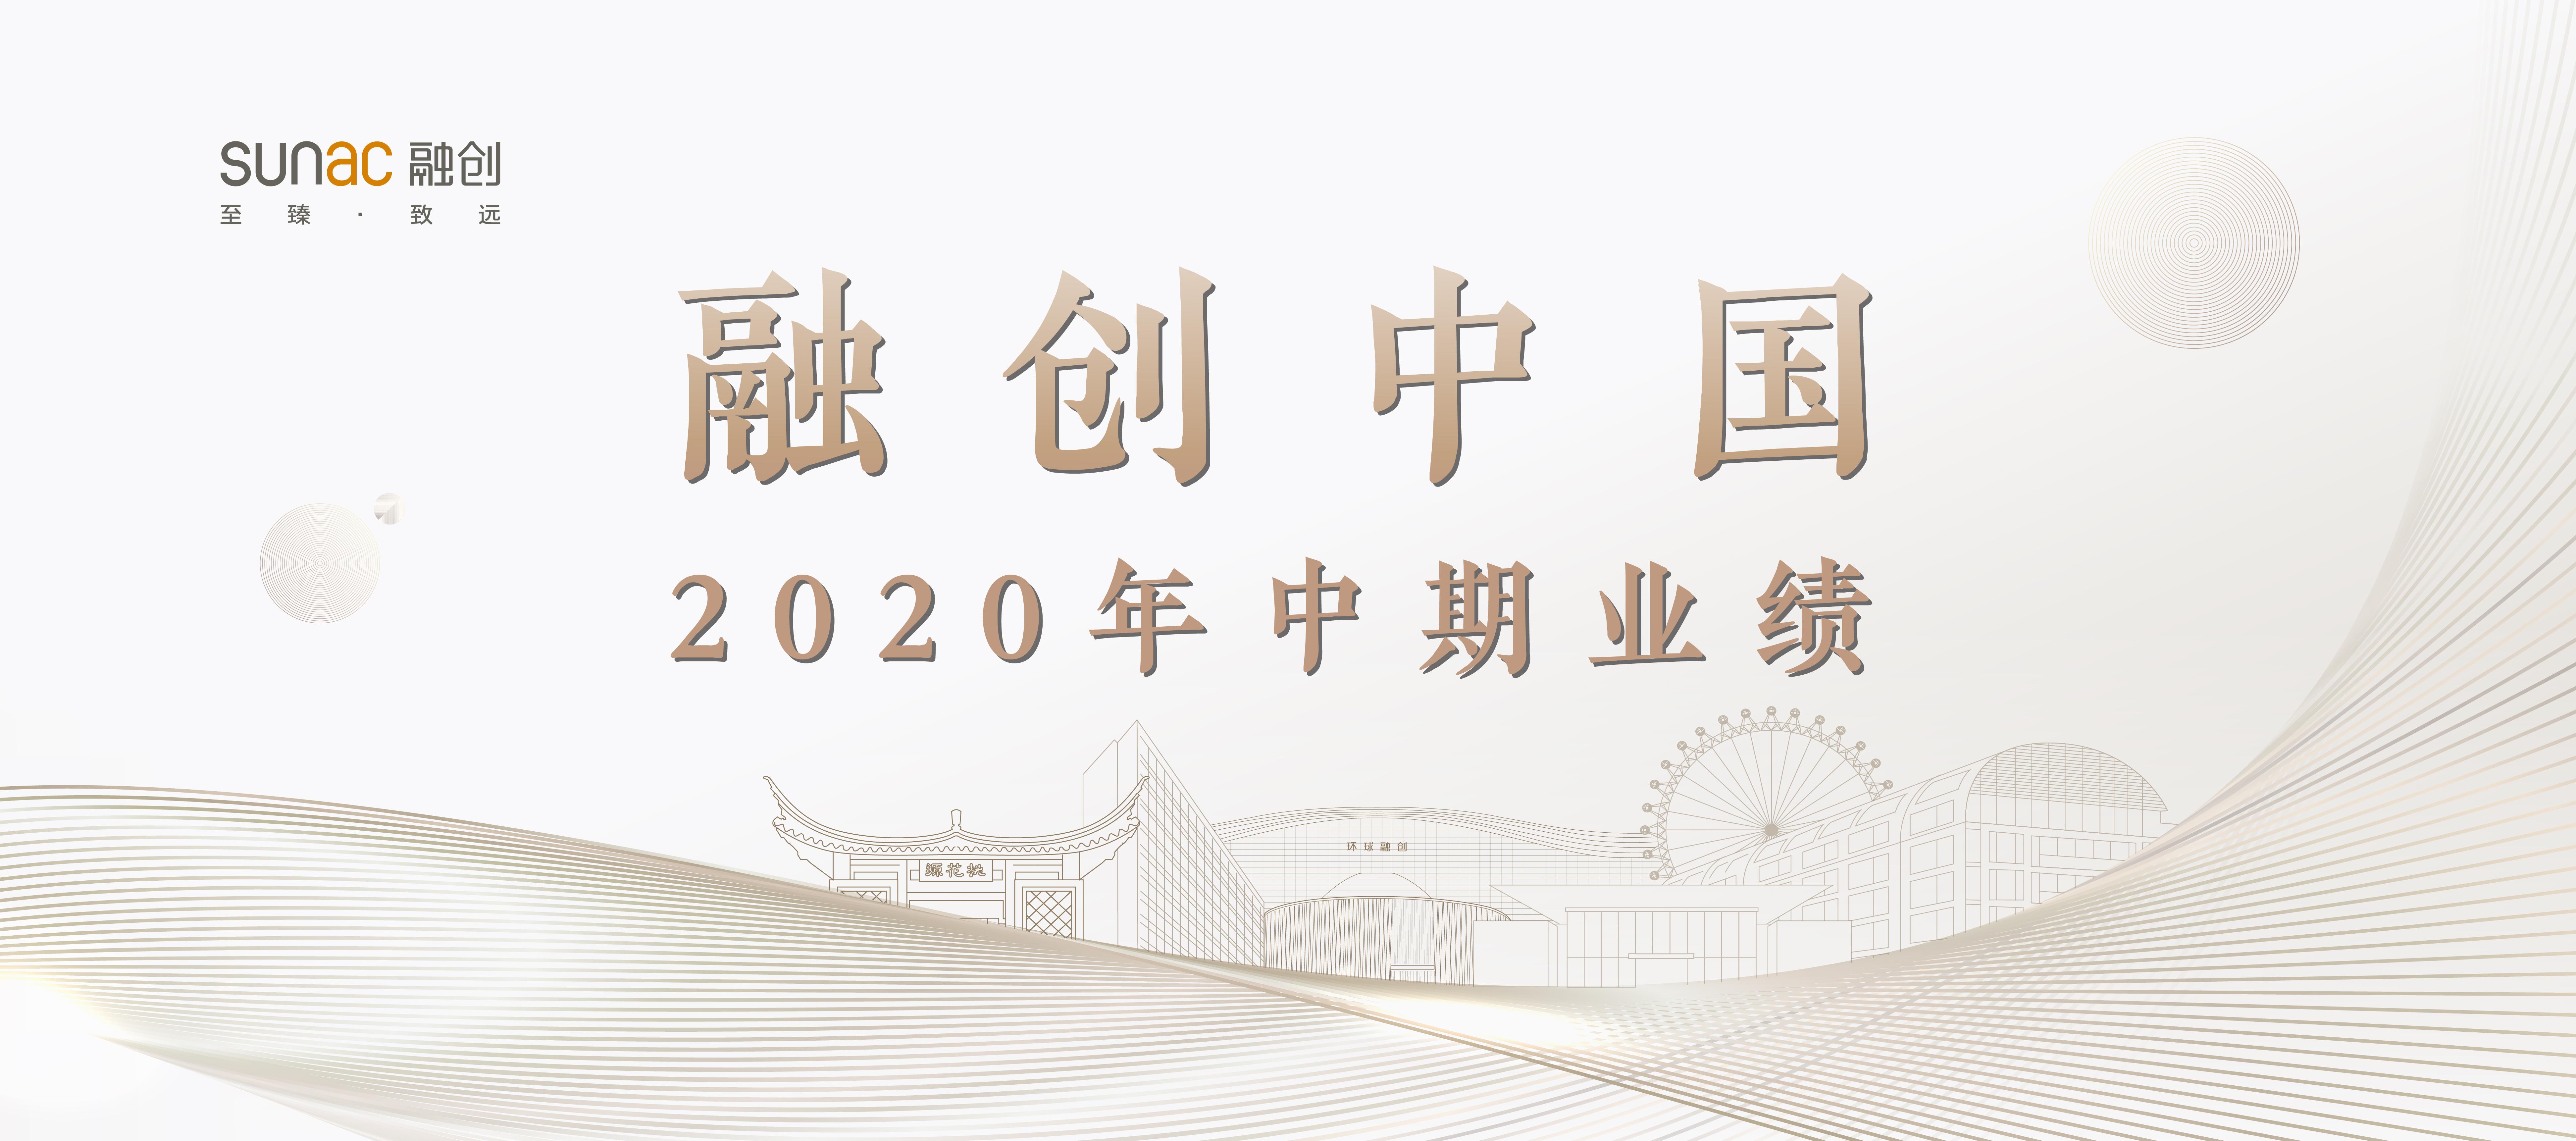 半年报点评|融创中国:高低杠杆换挡的道与术-中国网地产